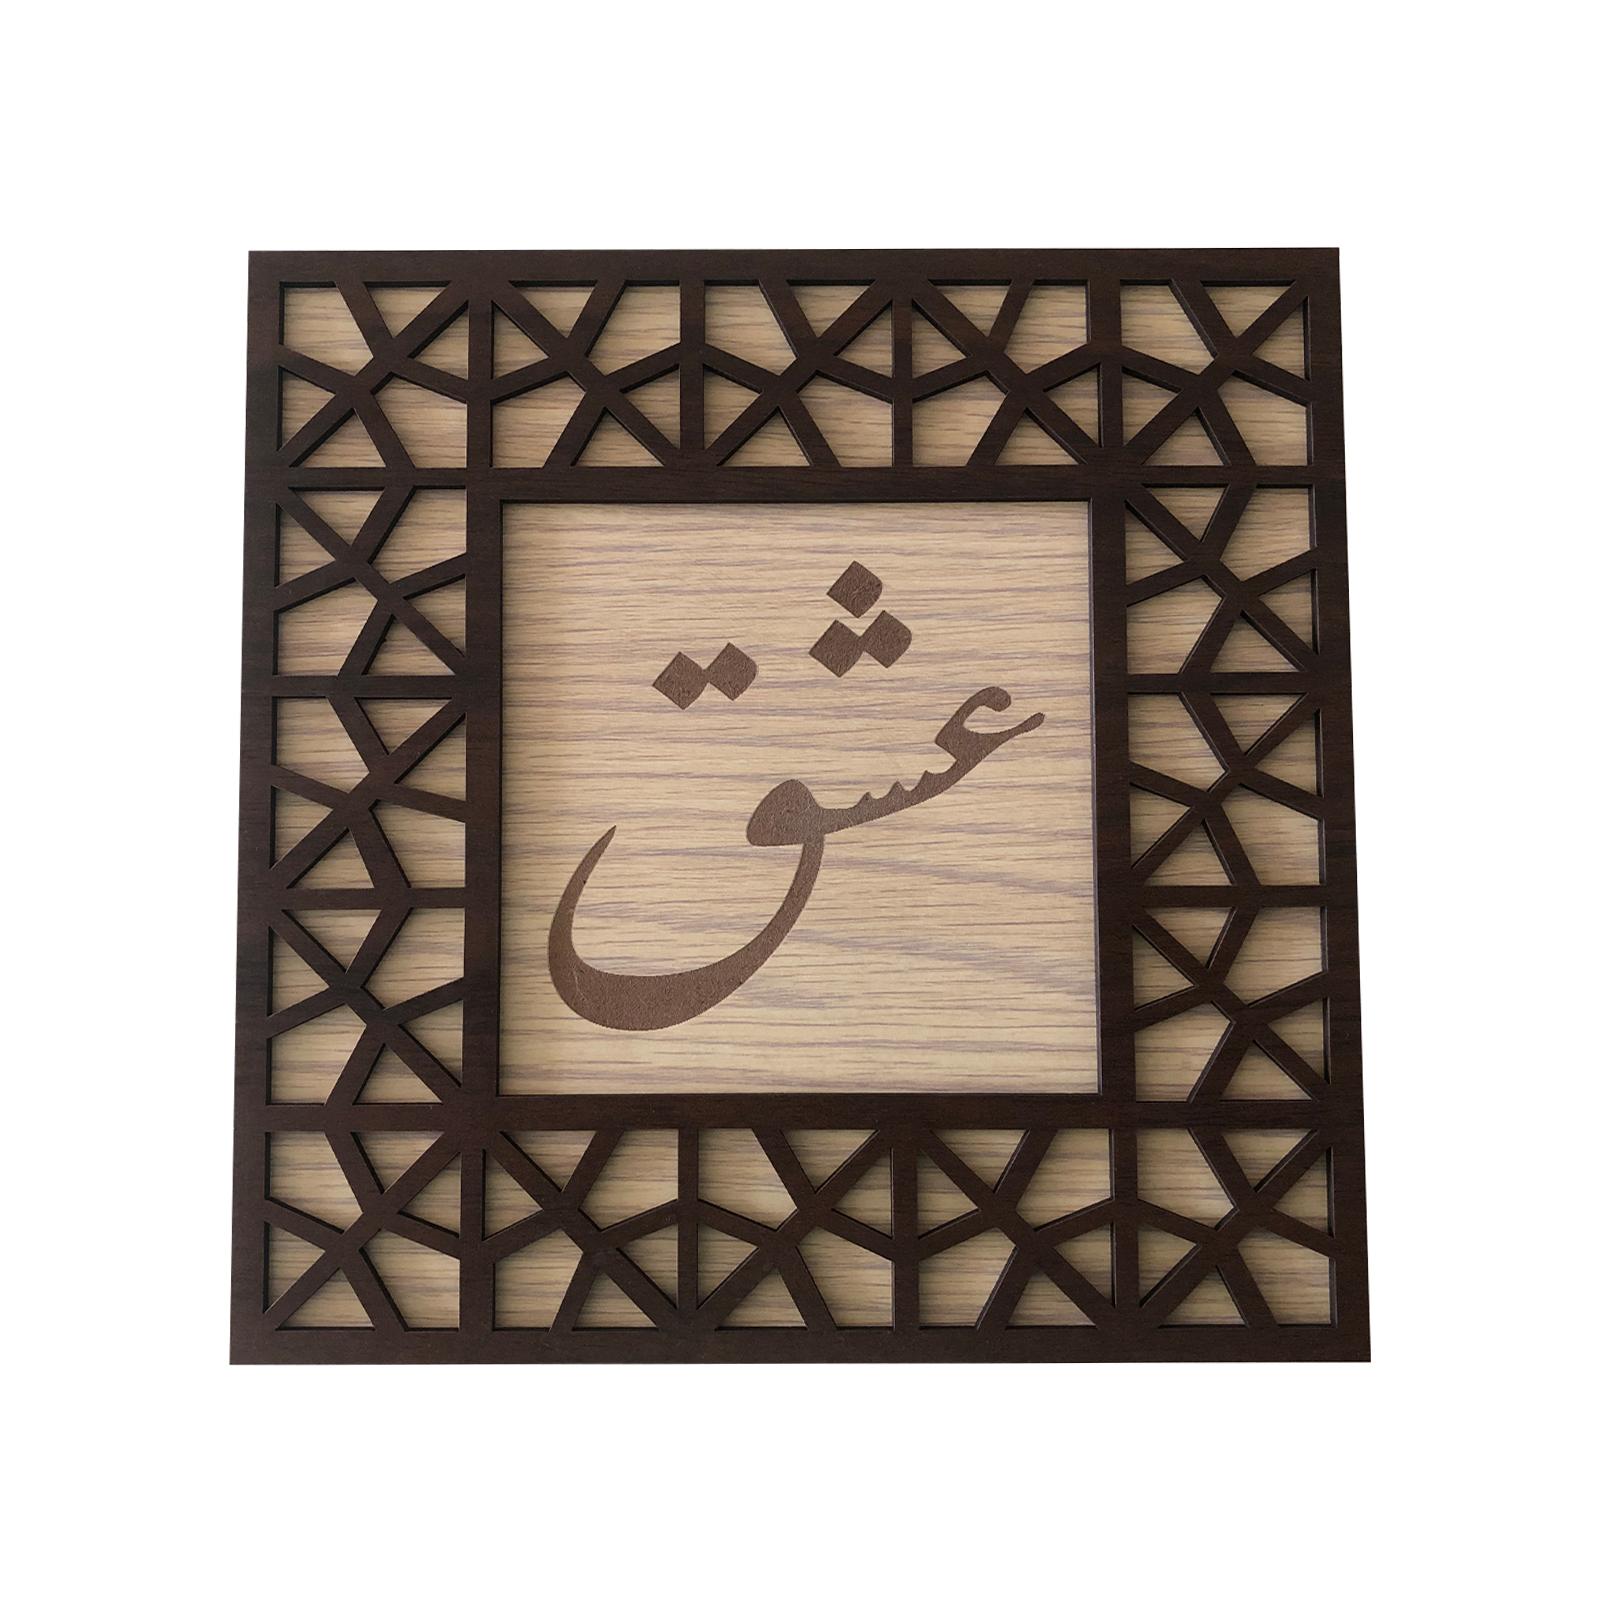 تابلو چوبی طرح عشق مدل دل نوشته کد ta7